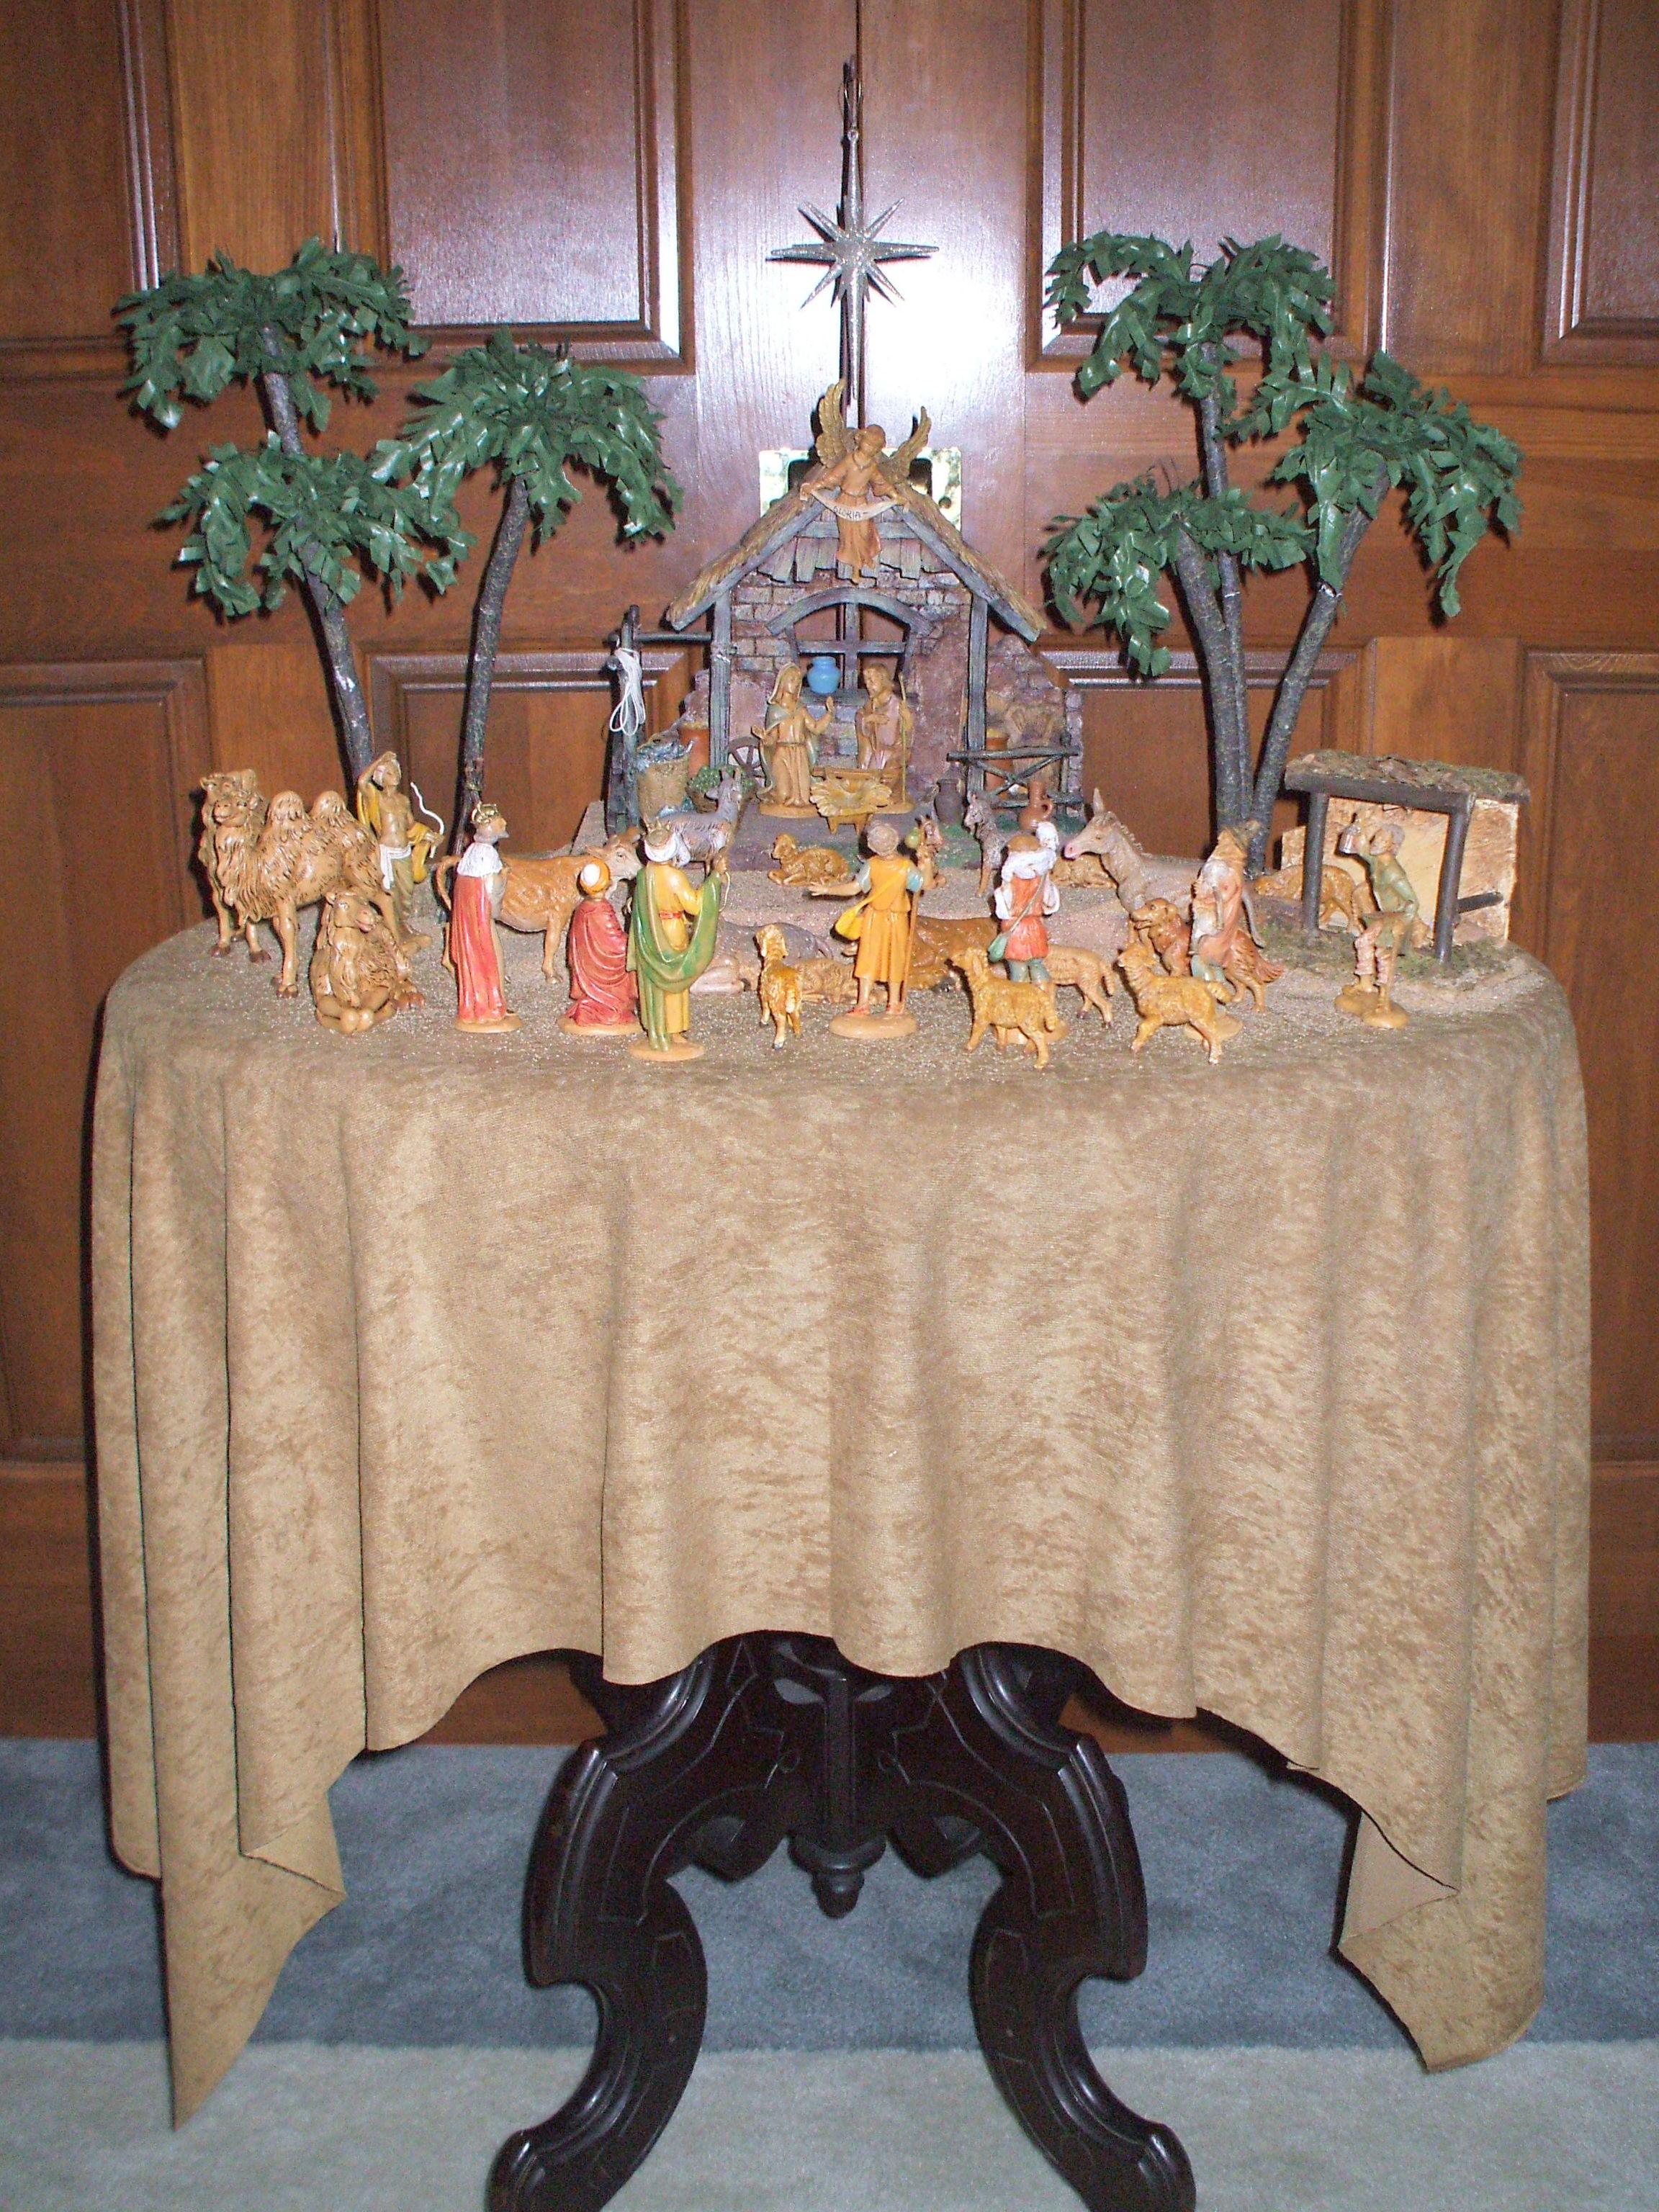 OLYMPUS DIGITAL CAMERA 2011 Fontanini Nativity 2